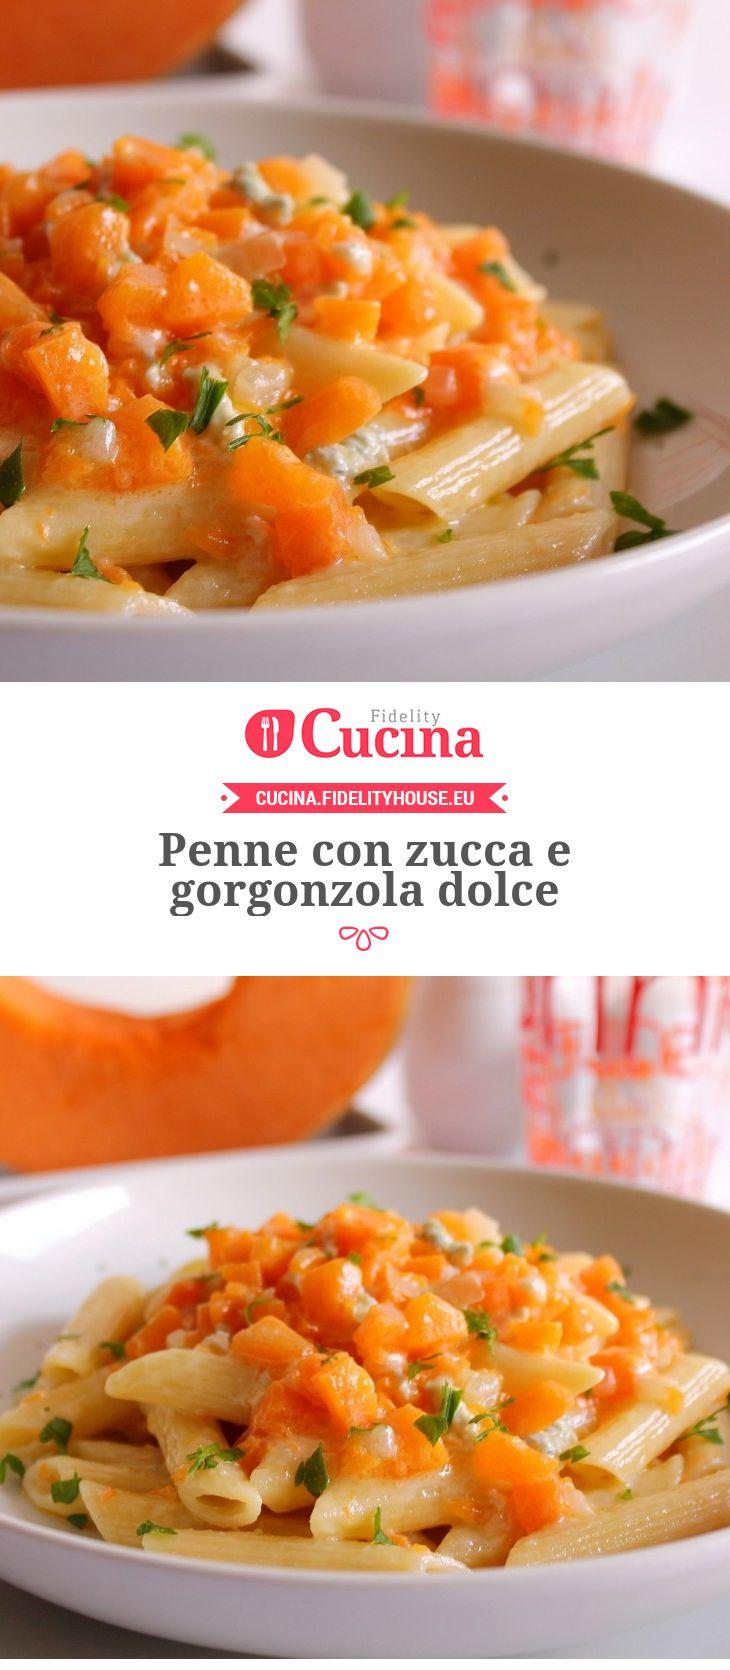 Penne con #zucca e #gorgonzola dolce della nostra utente Giovanna. Unisciti alla nostra Community ed invia le tue ricette!